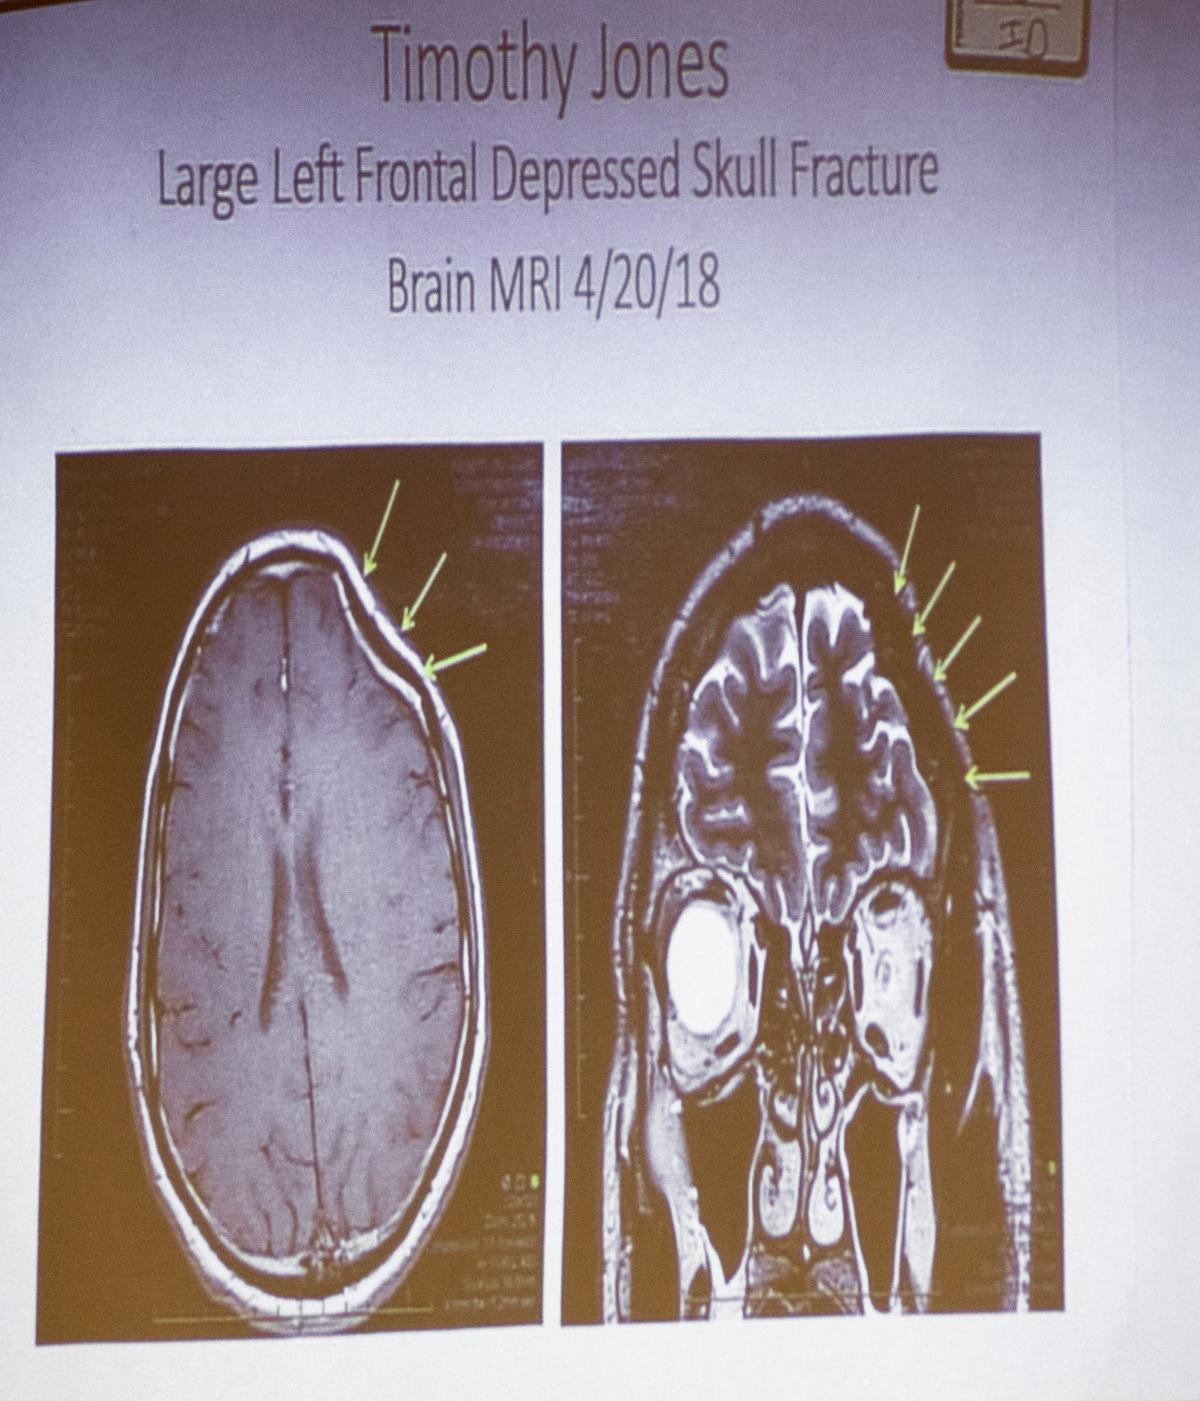 Tim Jones trial brain MRI